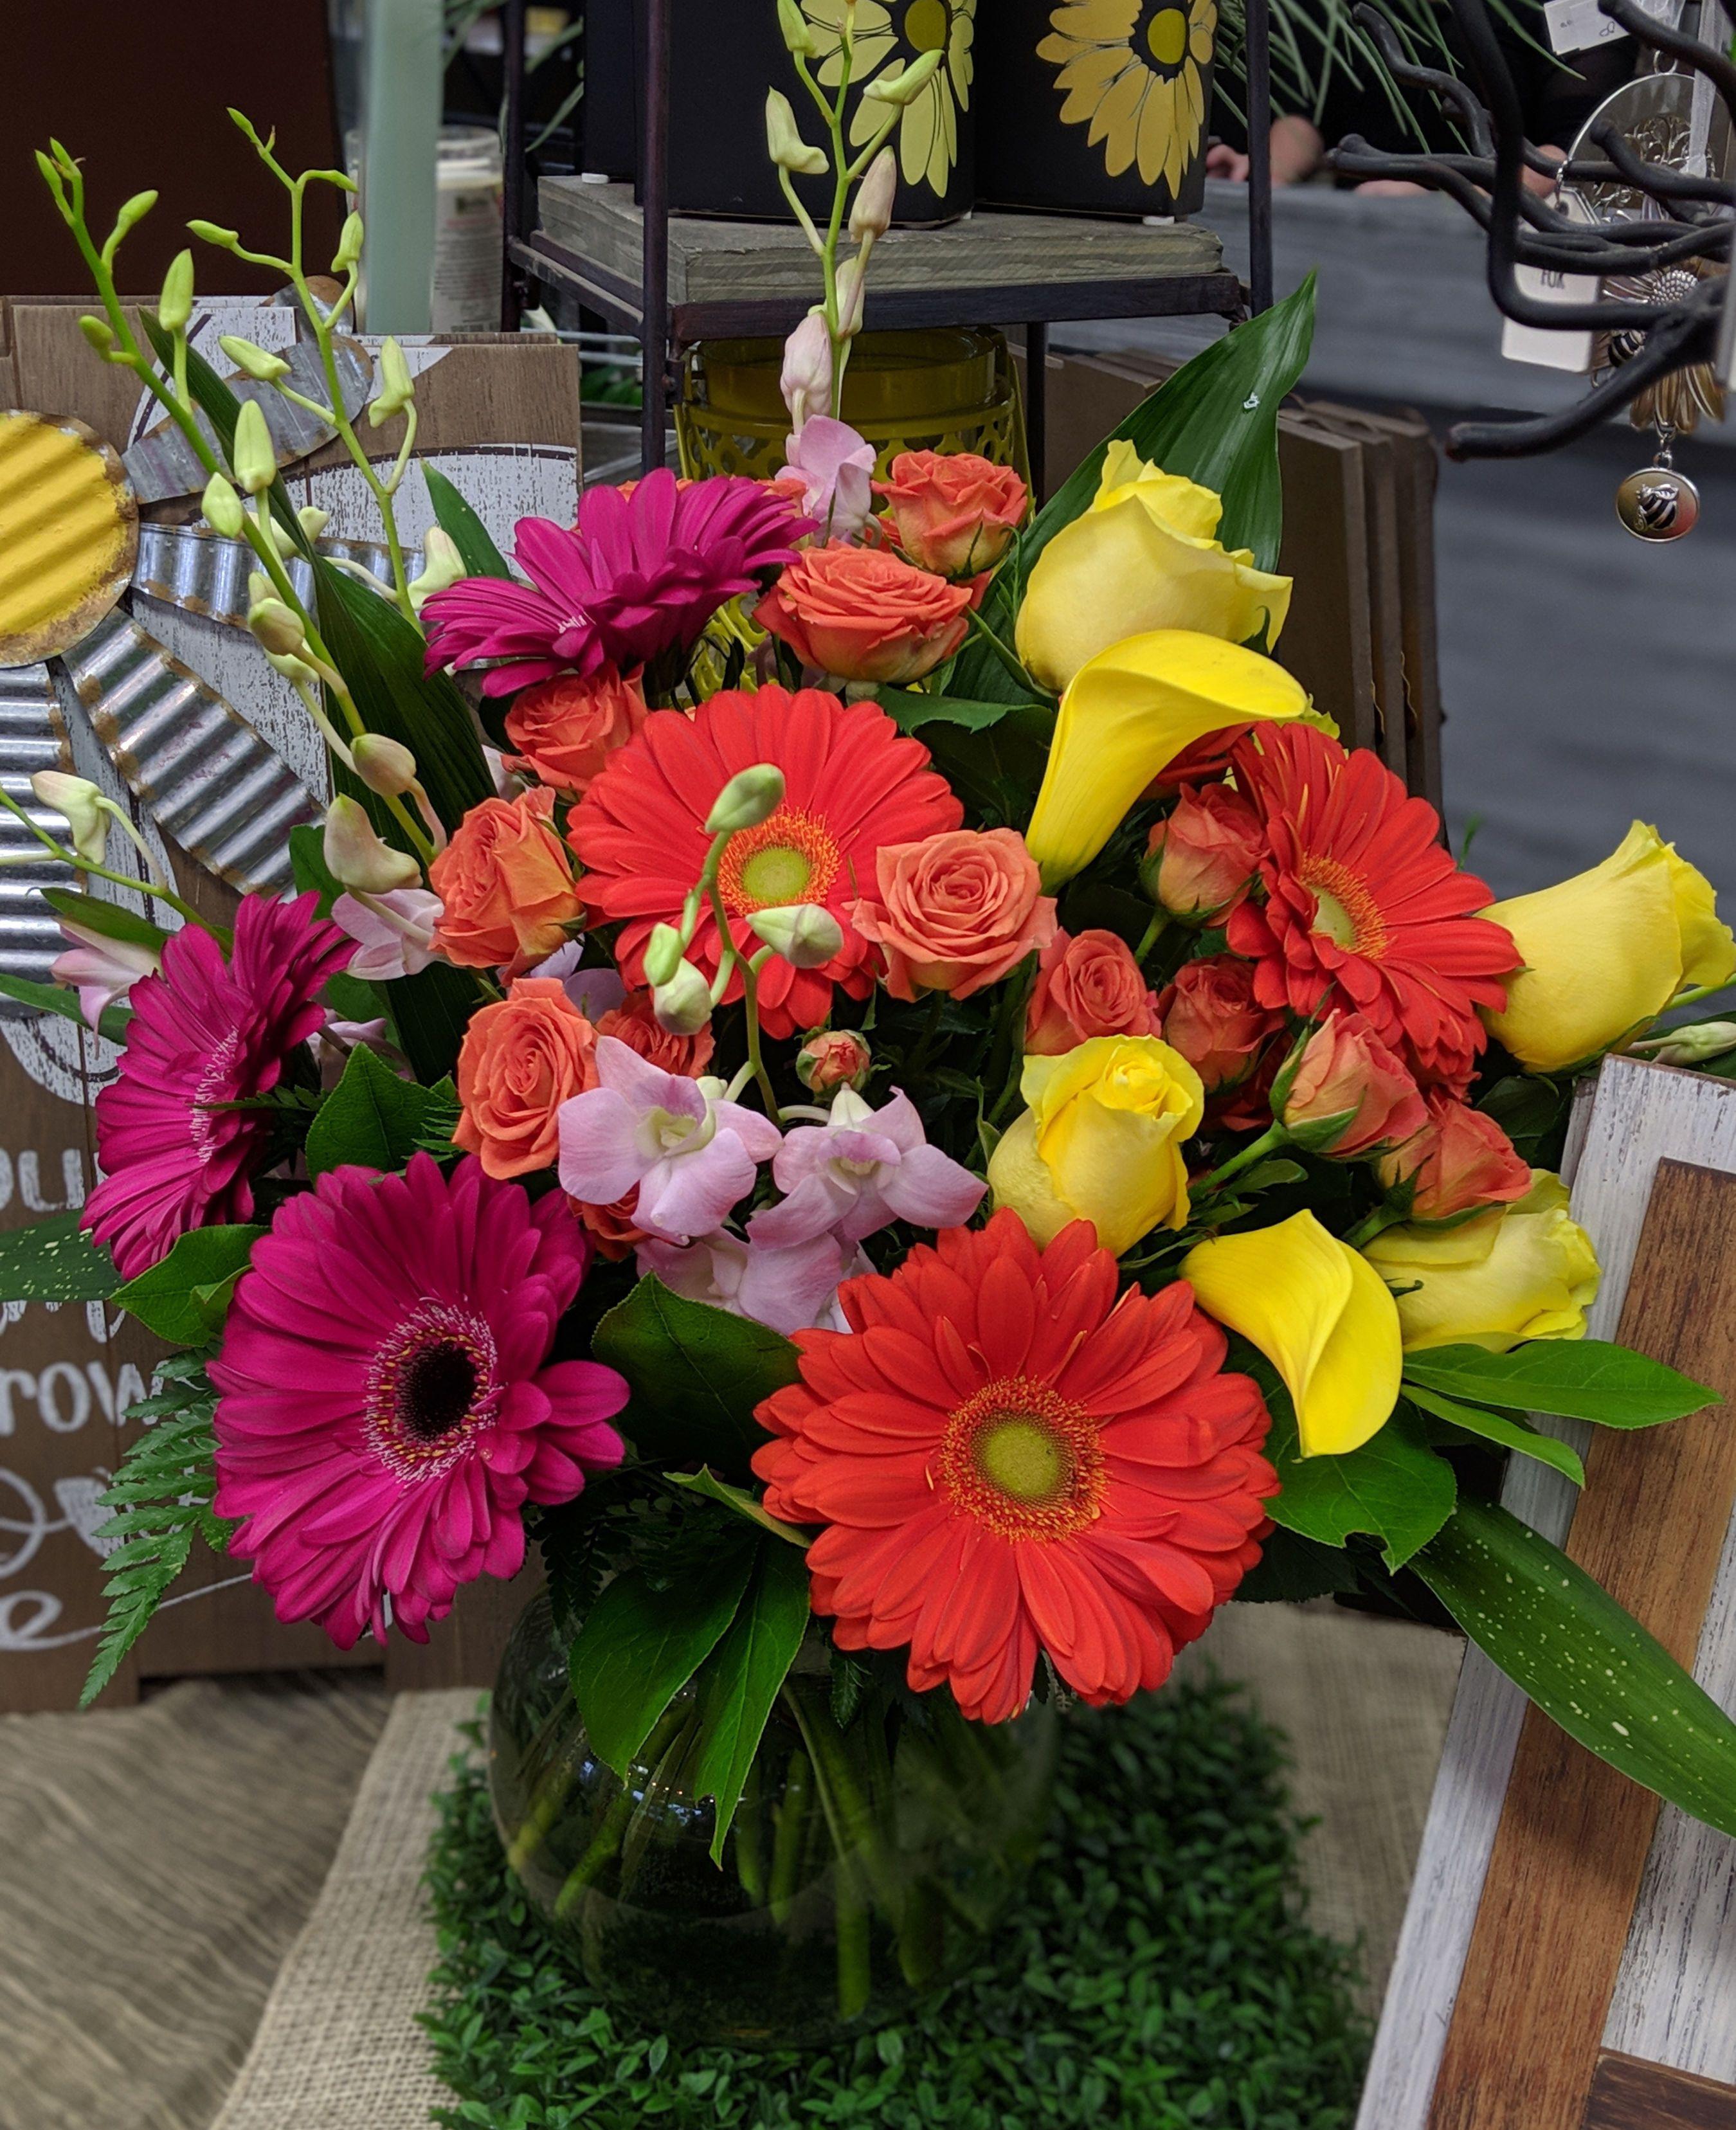 flower delivery subscription portland oregon